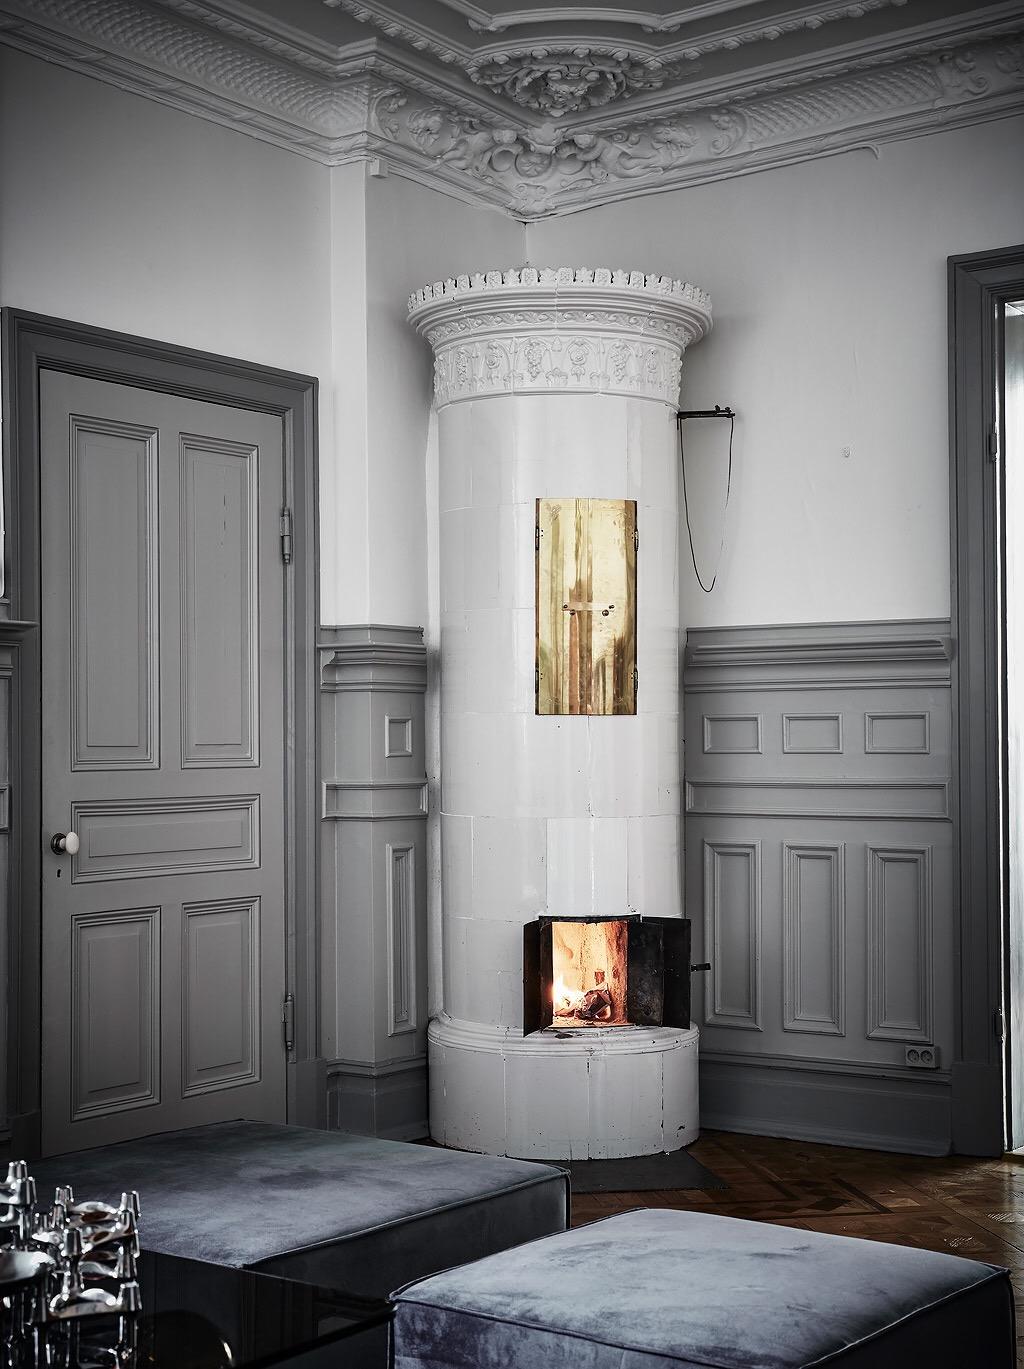 потолок лепнина стеновые панели серая дверь наличники скандинавская израсцовая печь